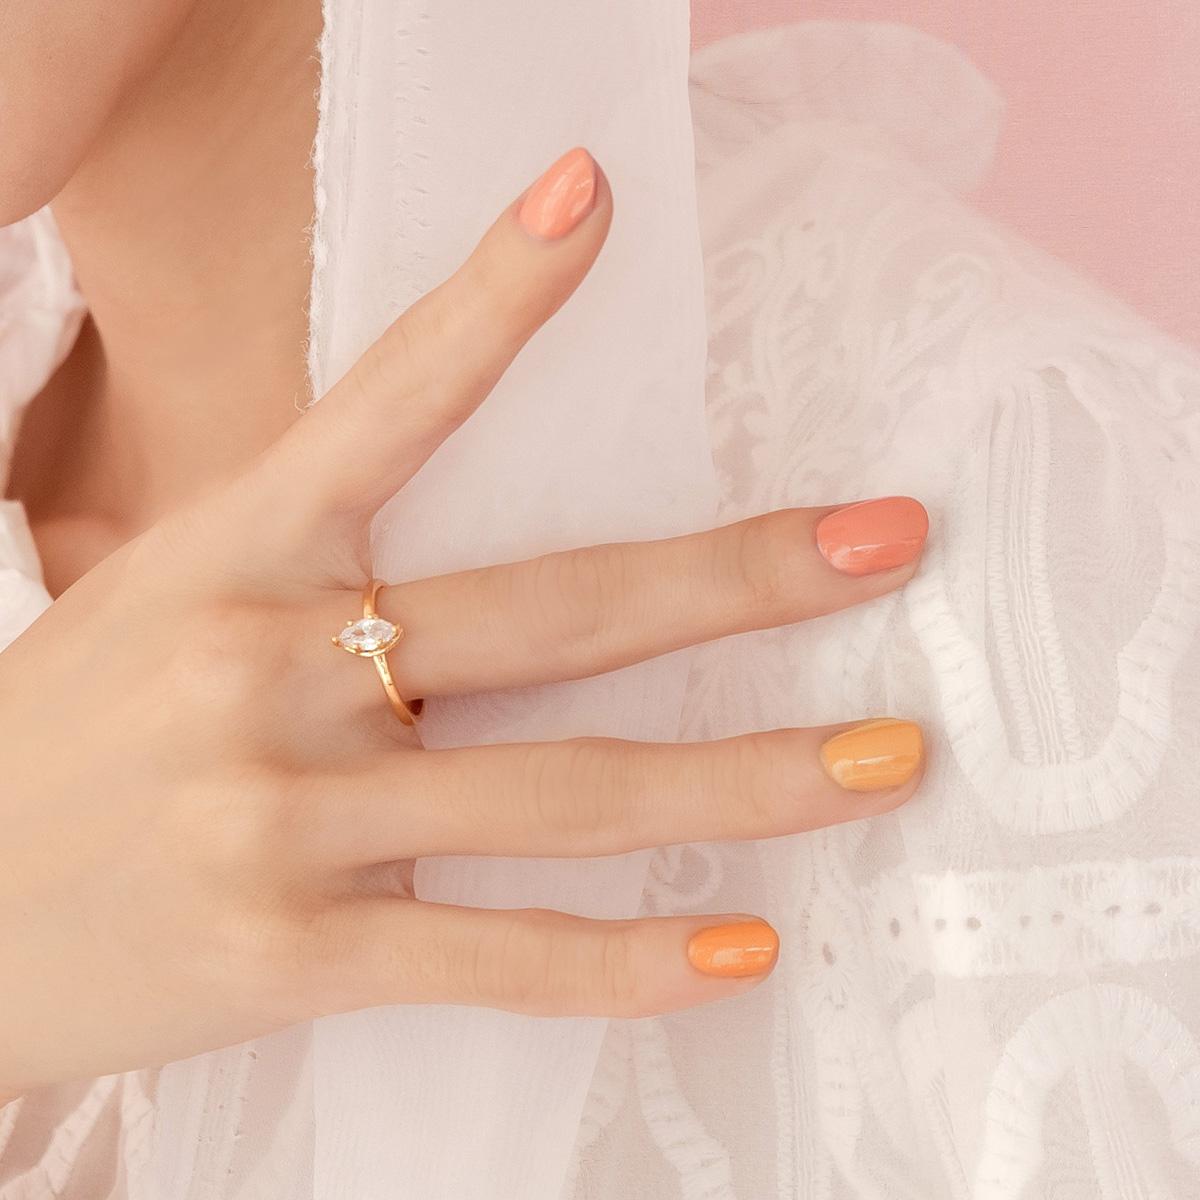 玩美持色指甲油-LJ111 身為女孩的勇敢